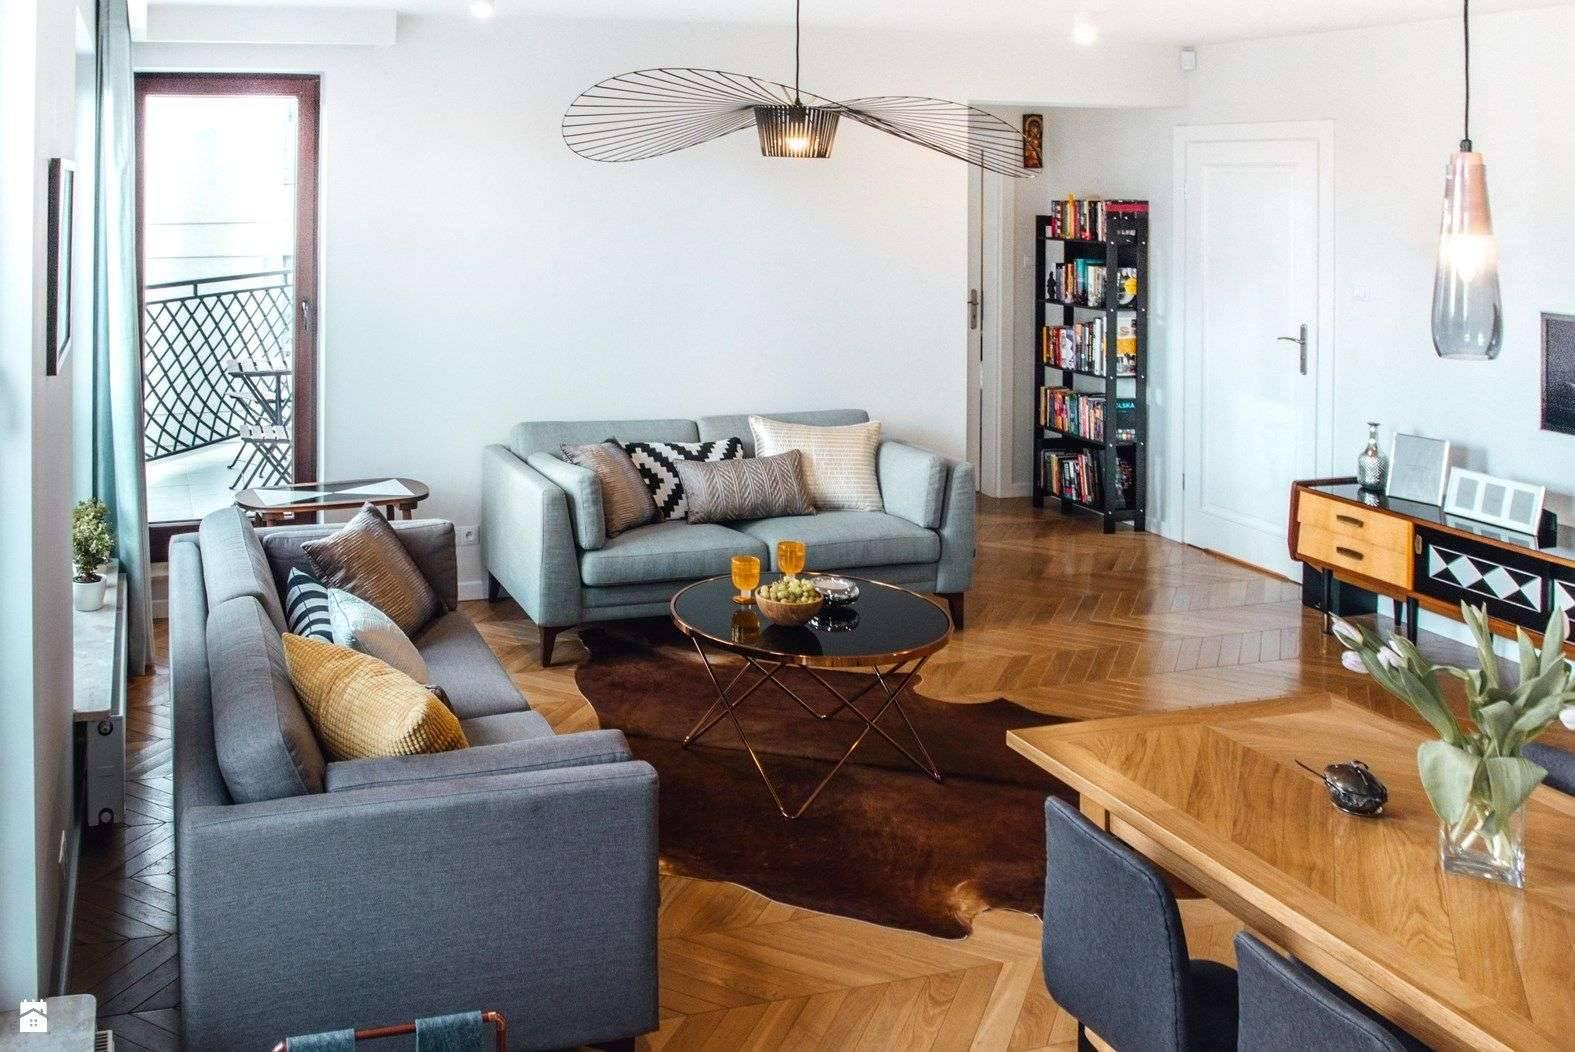 vintage wohnzimmer deko awesome vintage deko garten schon salon styl vintage zdjc284ac284c2a2cie od biuro of vintage wohnzimmer deko